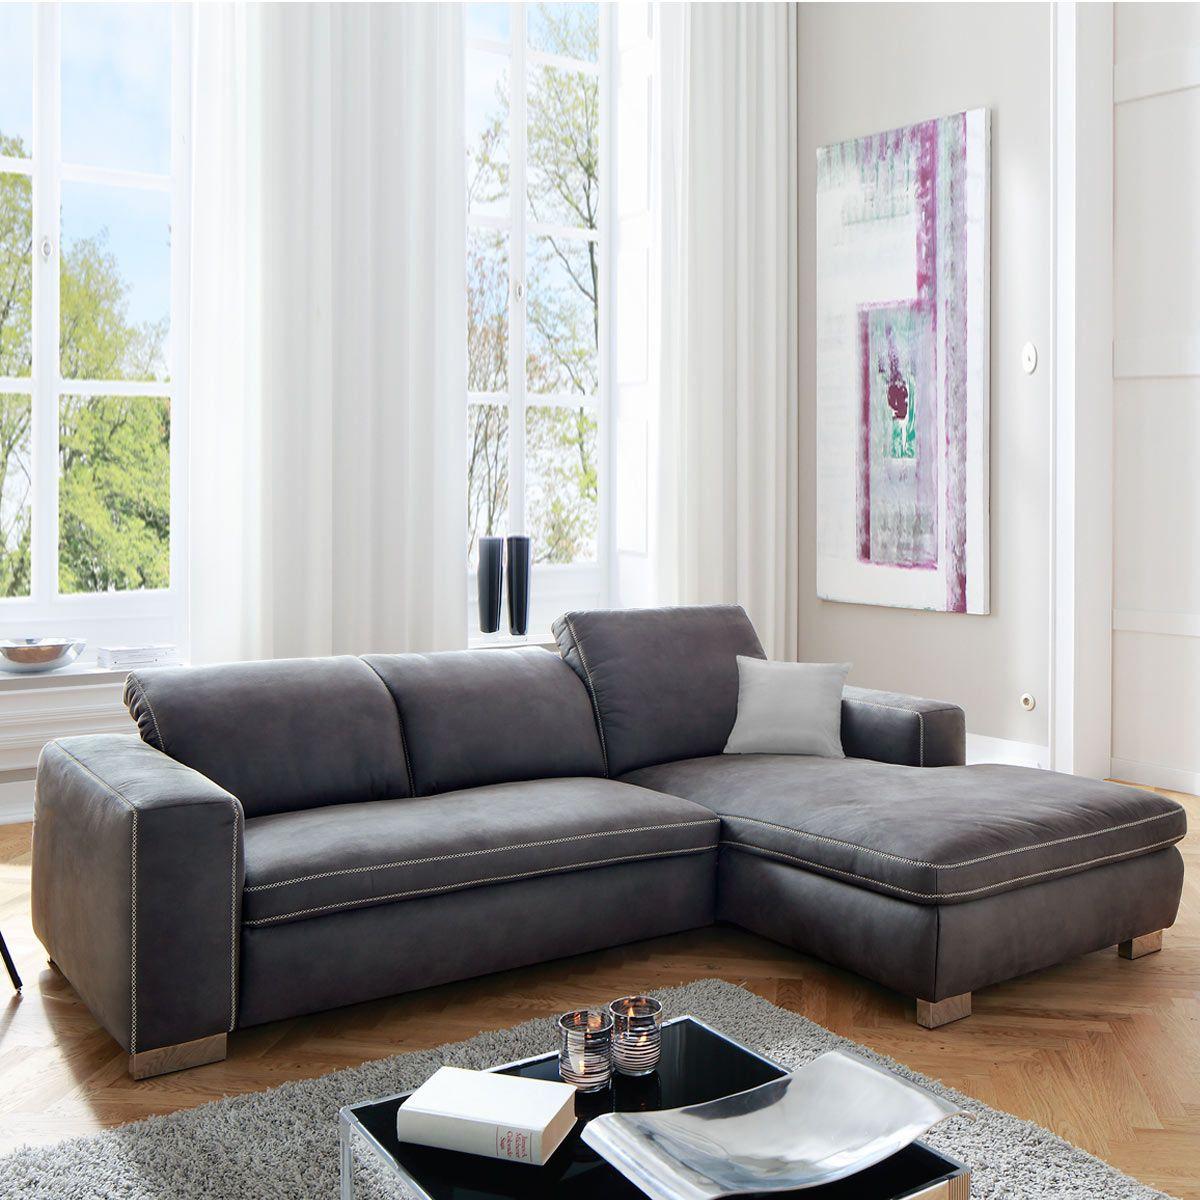 Das #Ecksofa Herlev bietet einen angenehmen #Sitzkomfort ...